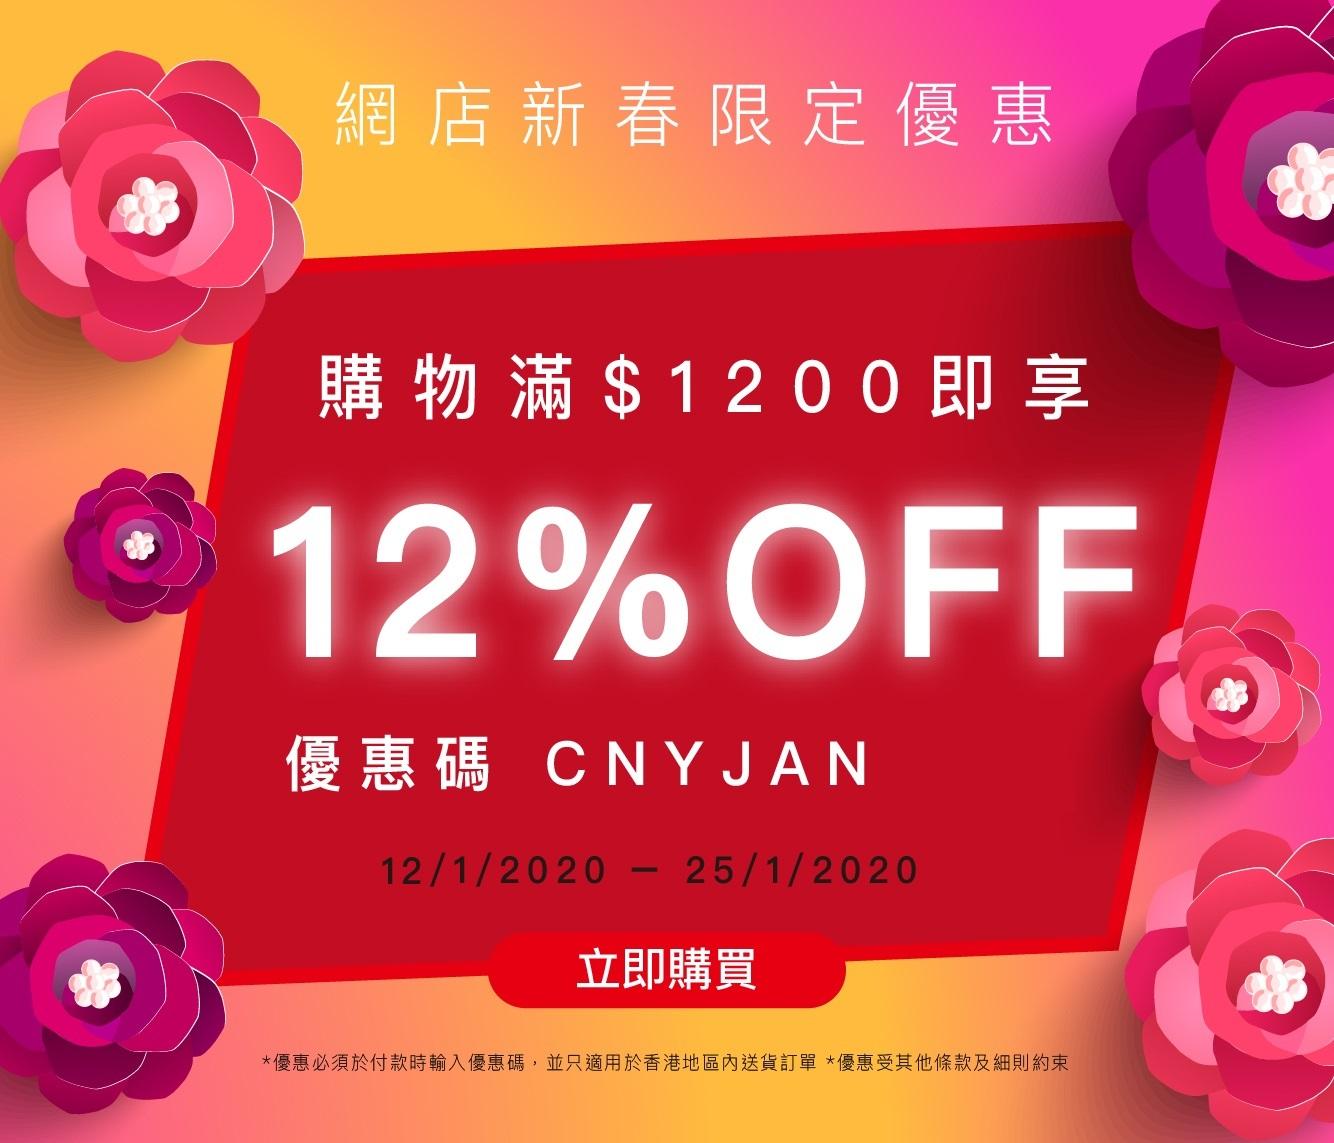 CNY Offer